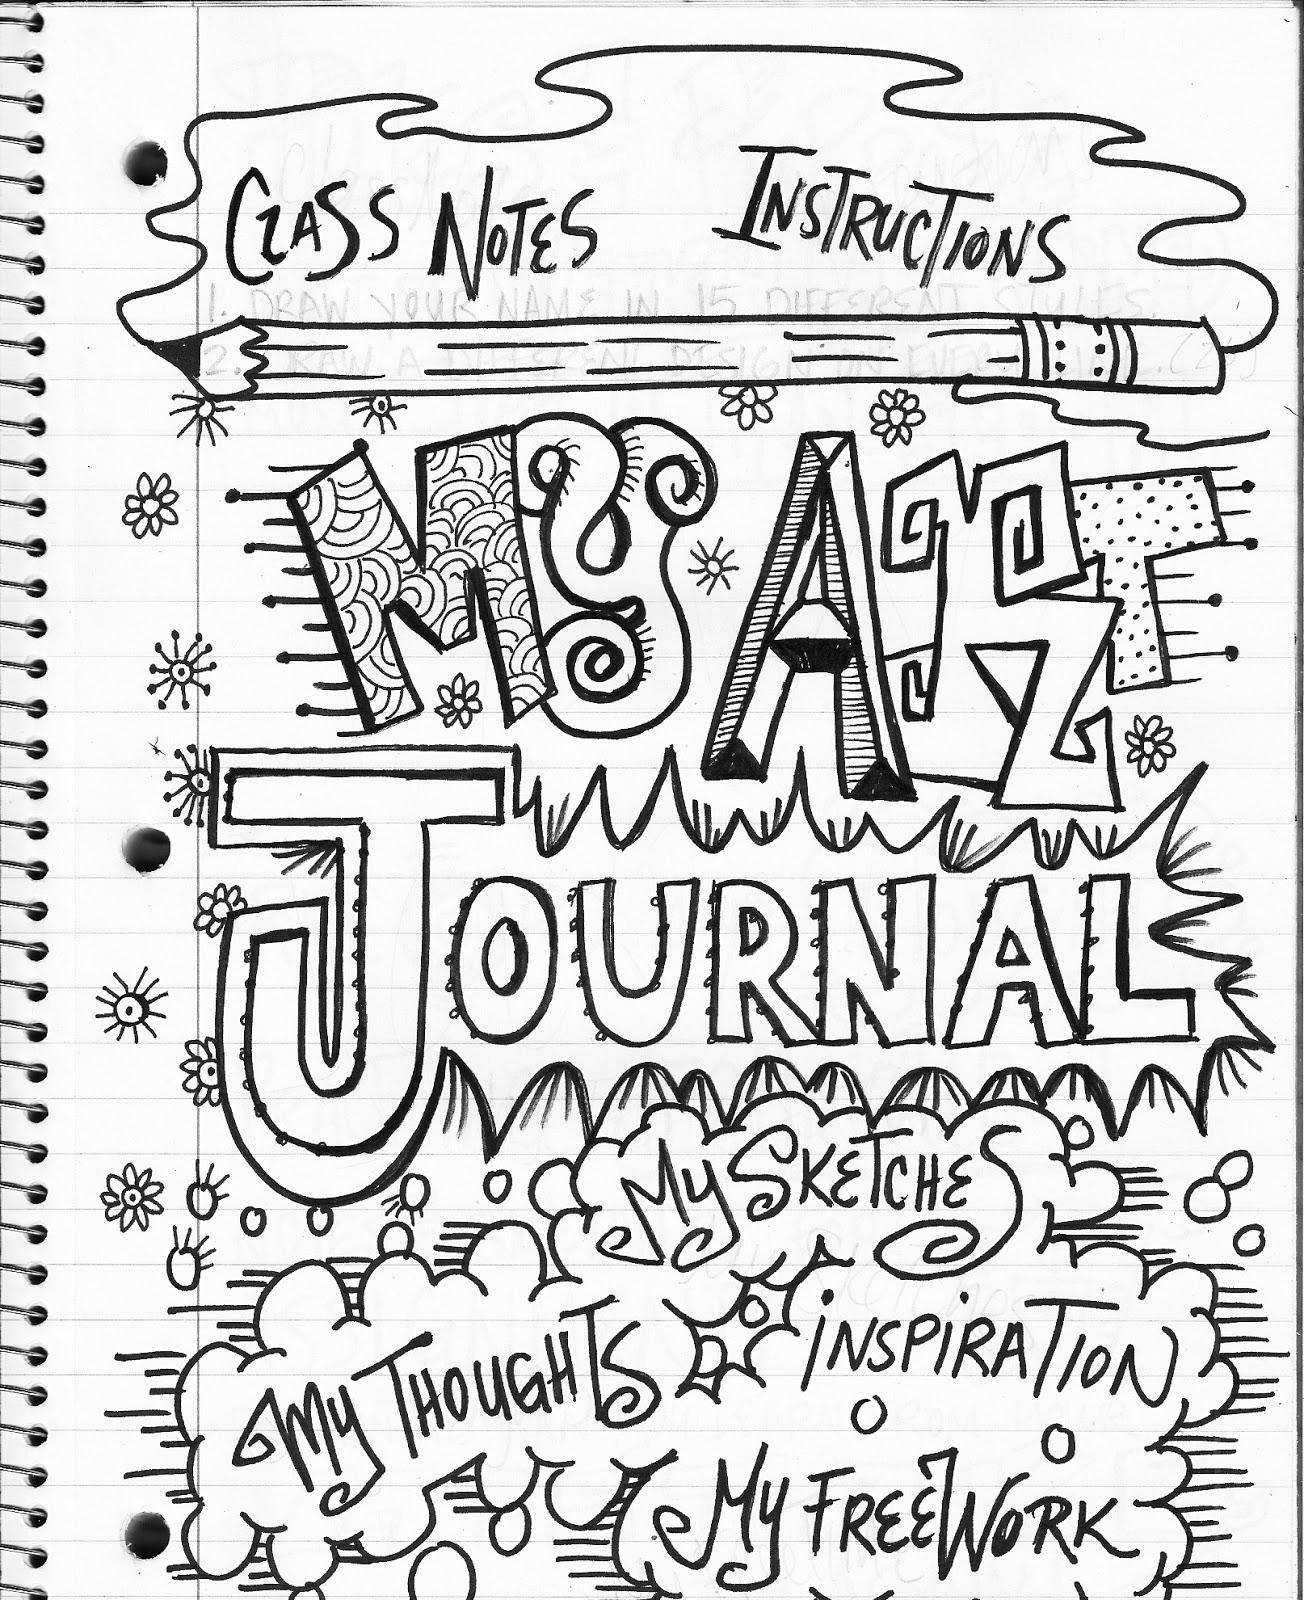 Classroom Design Journal Articles : The lost sock art class journaling